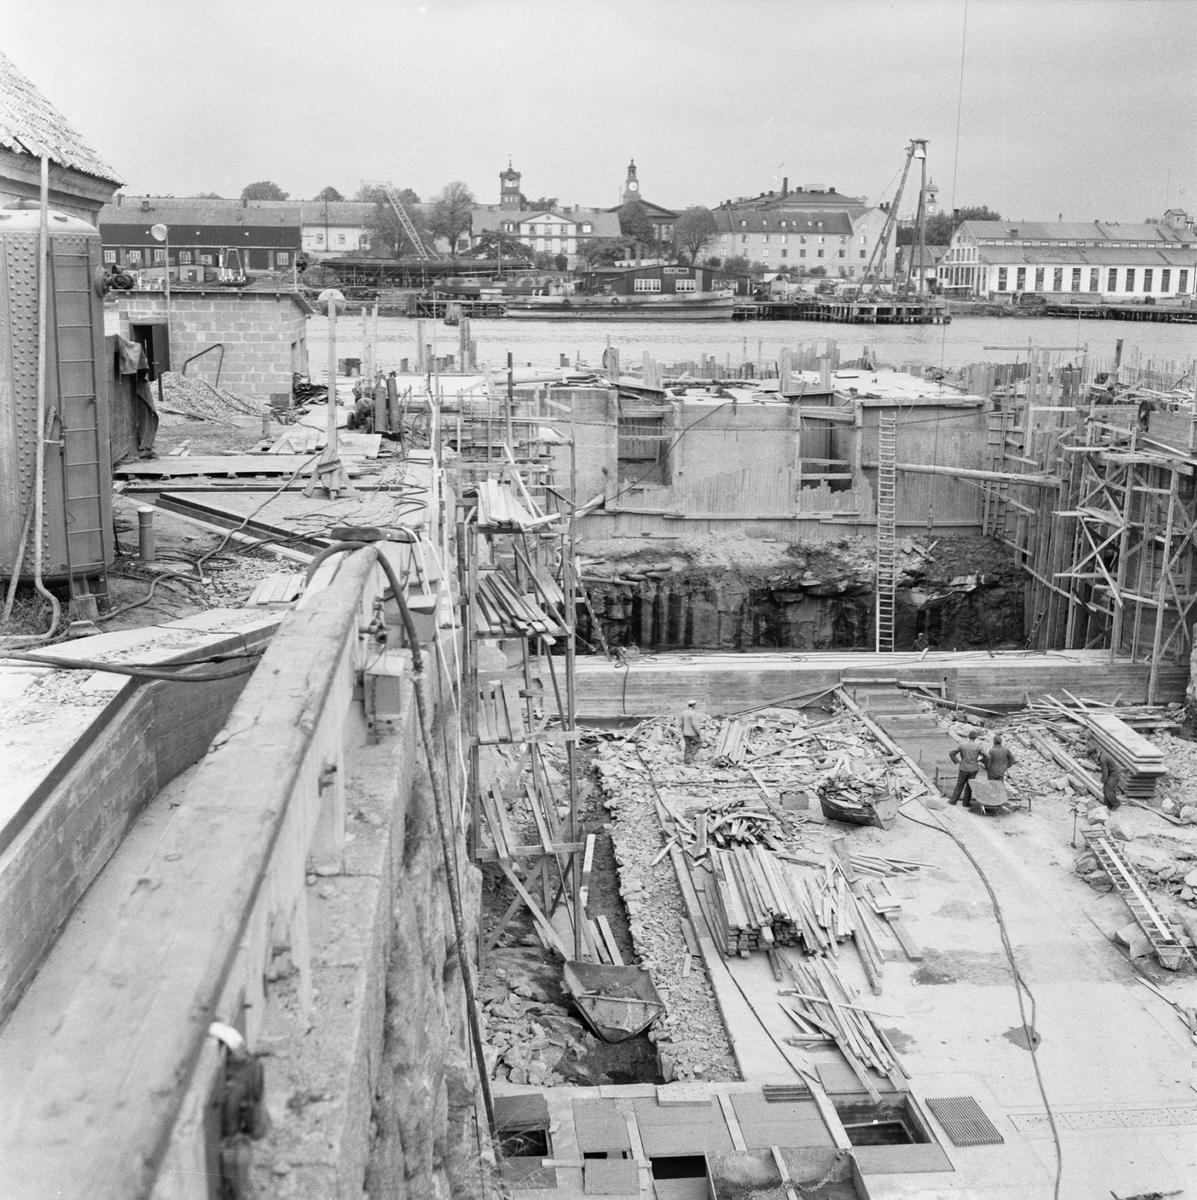 Övrigt: Fotodatum:8/10 1959 Byggnader och Kranar. Polhemsdockan ombyggn. Närmast identisk bild: V16759 och V16781, ej skannade